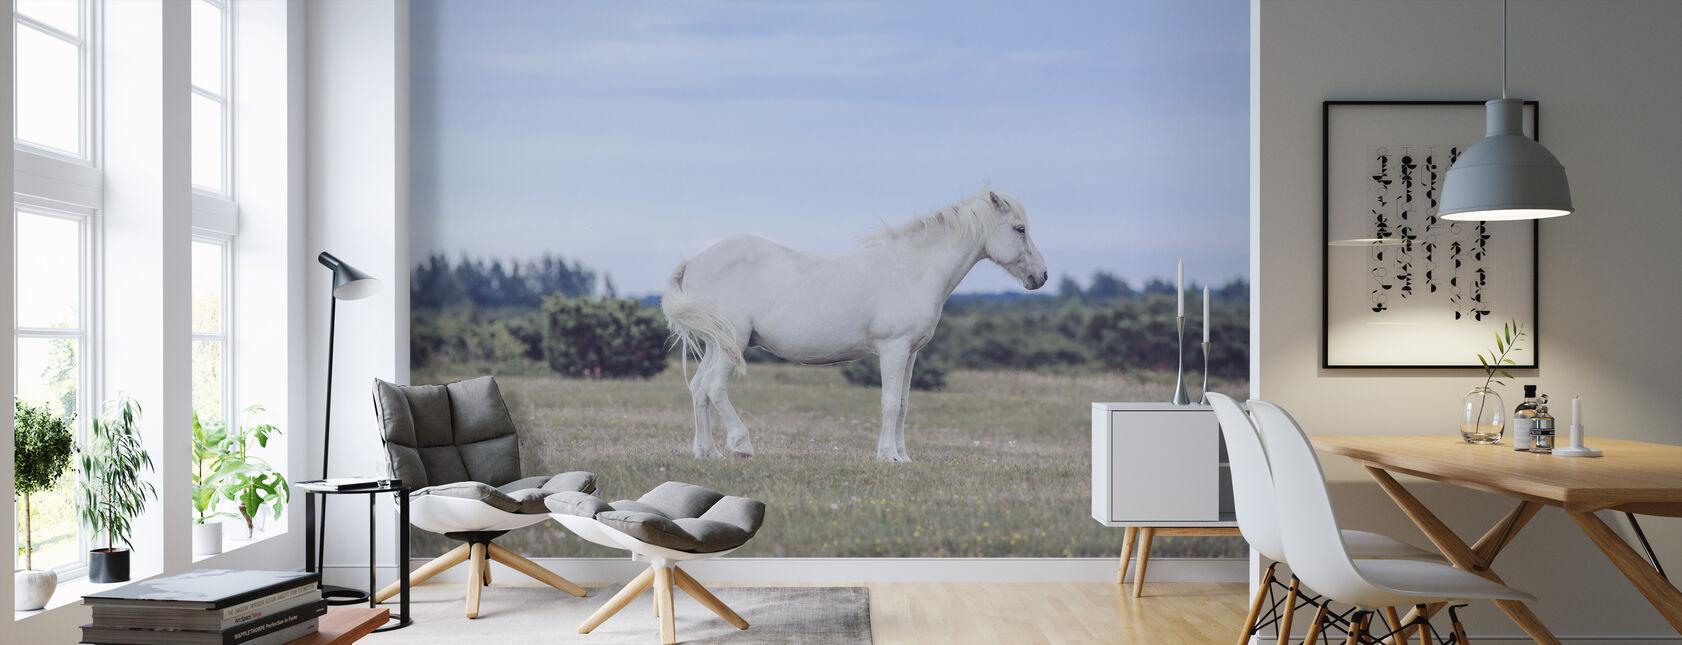 White Pony - Wallpaper - Living Room